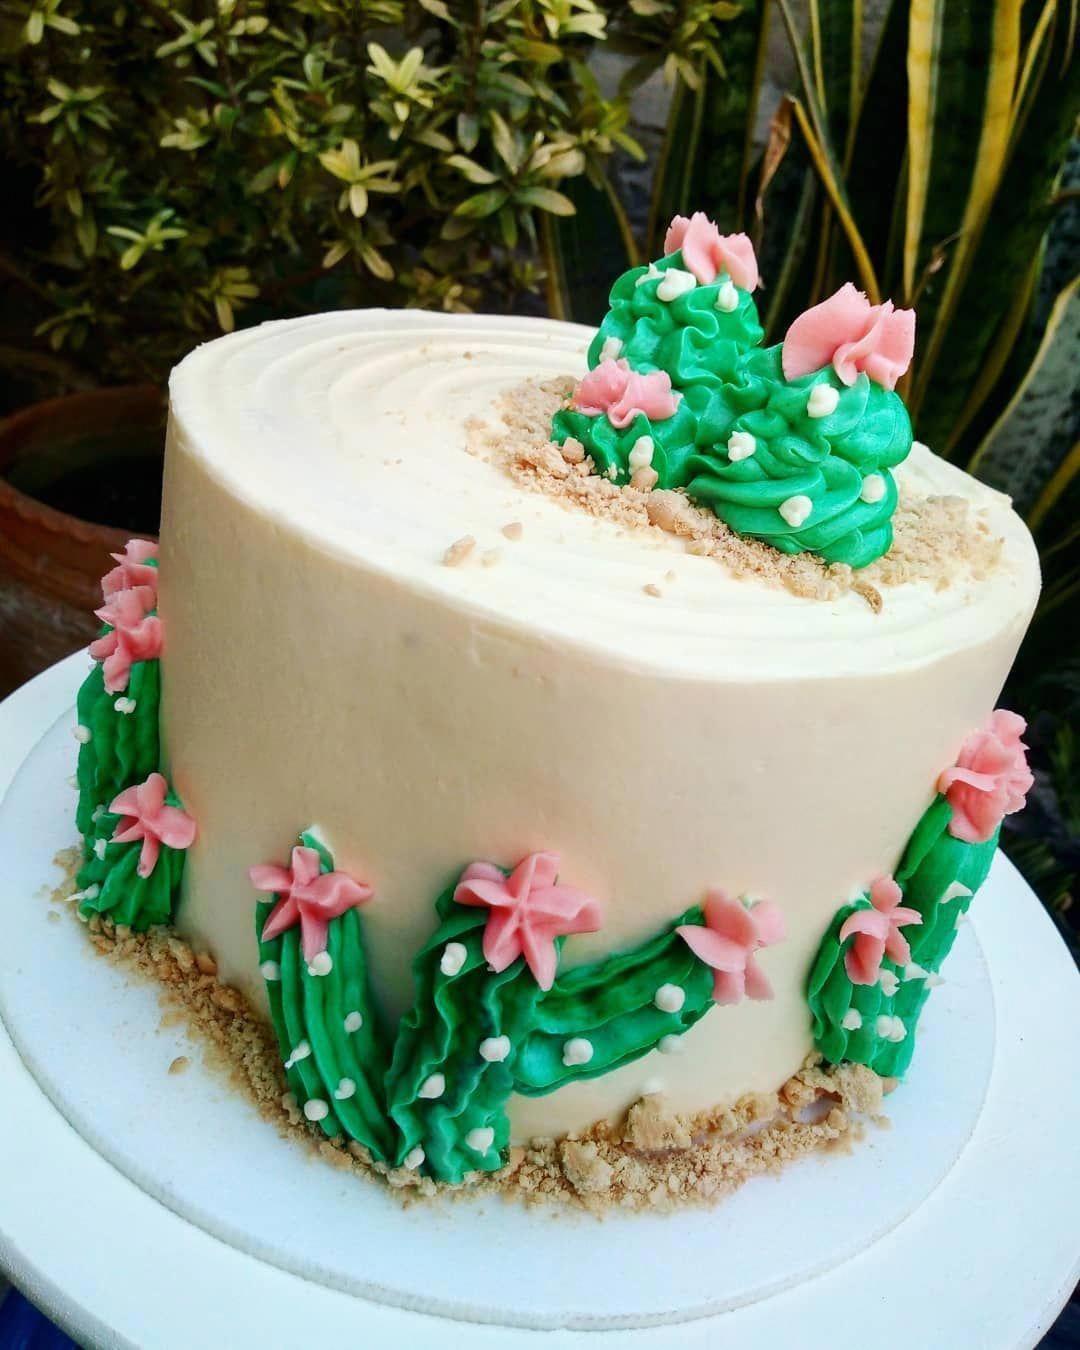 ⭐Torta de cactus ⭐ ������Cotiza con nosotros . . . #torta #cake #tortadecactus #cactus #cactuscake #cakecactus #suculentas #tortadesuculentas…